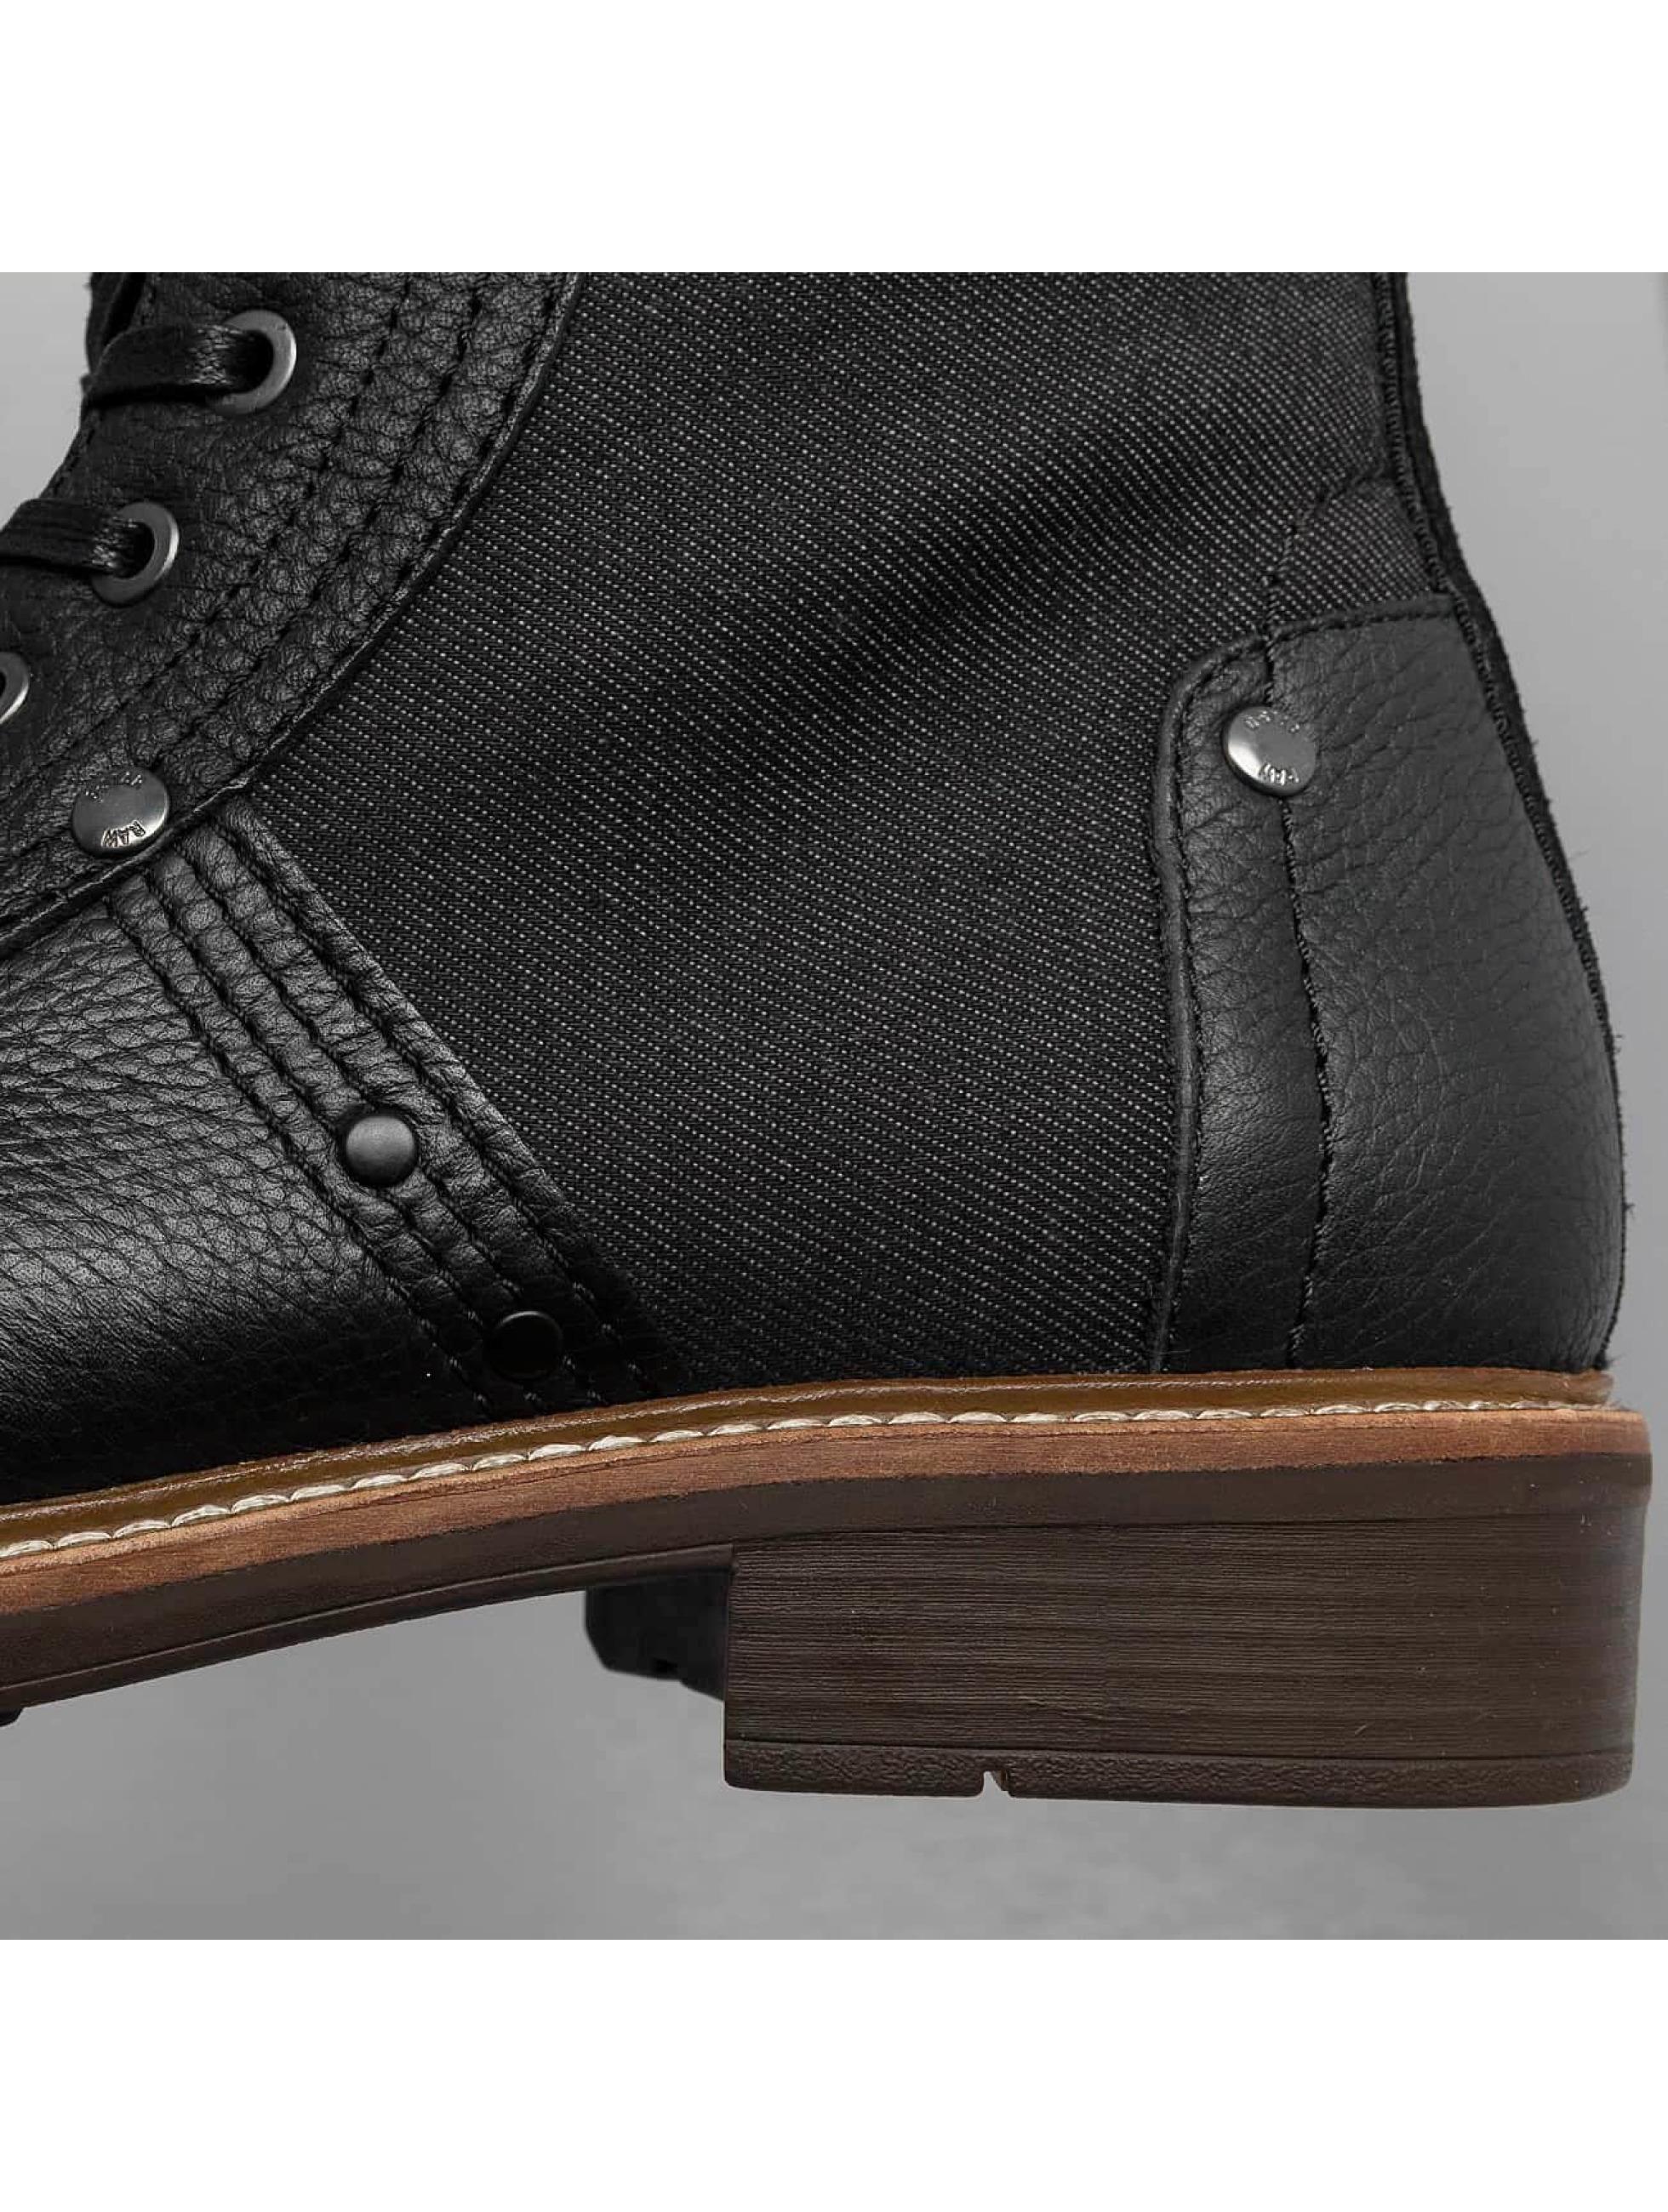 G-Star Footwear Boots Labour Leather schwarz